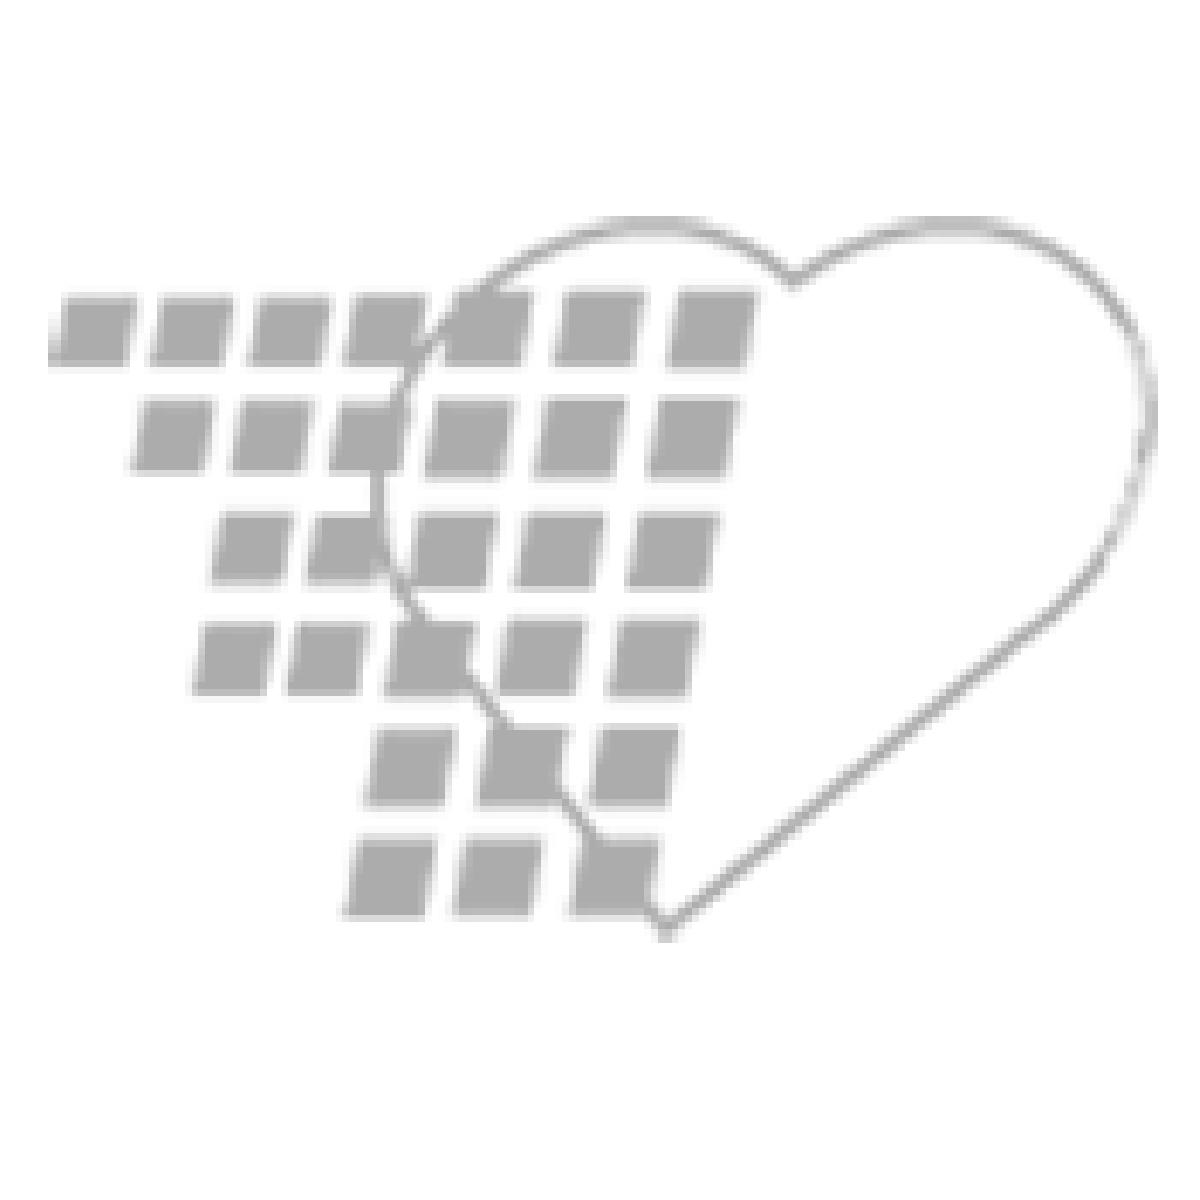 02-80-2146 Ultrascope® Teaching Stethoscopes - Smiley Face